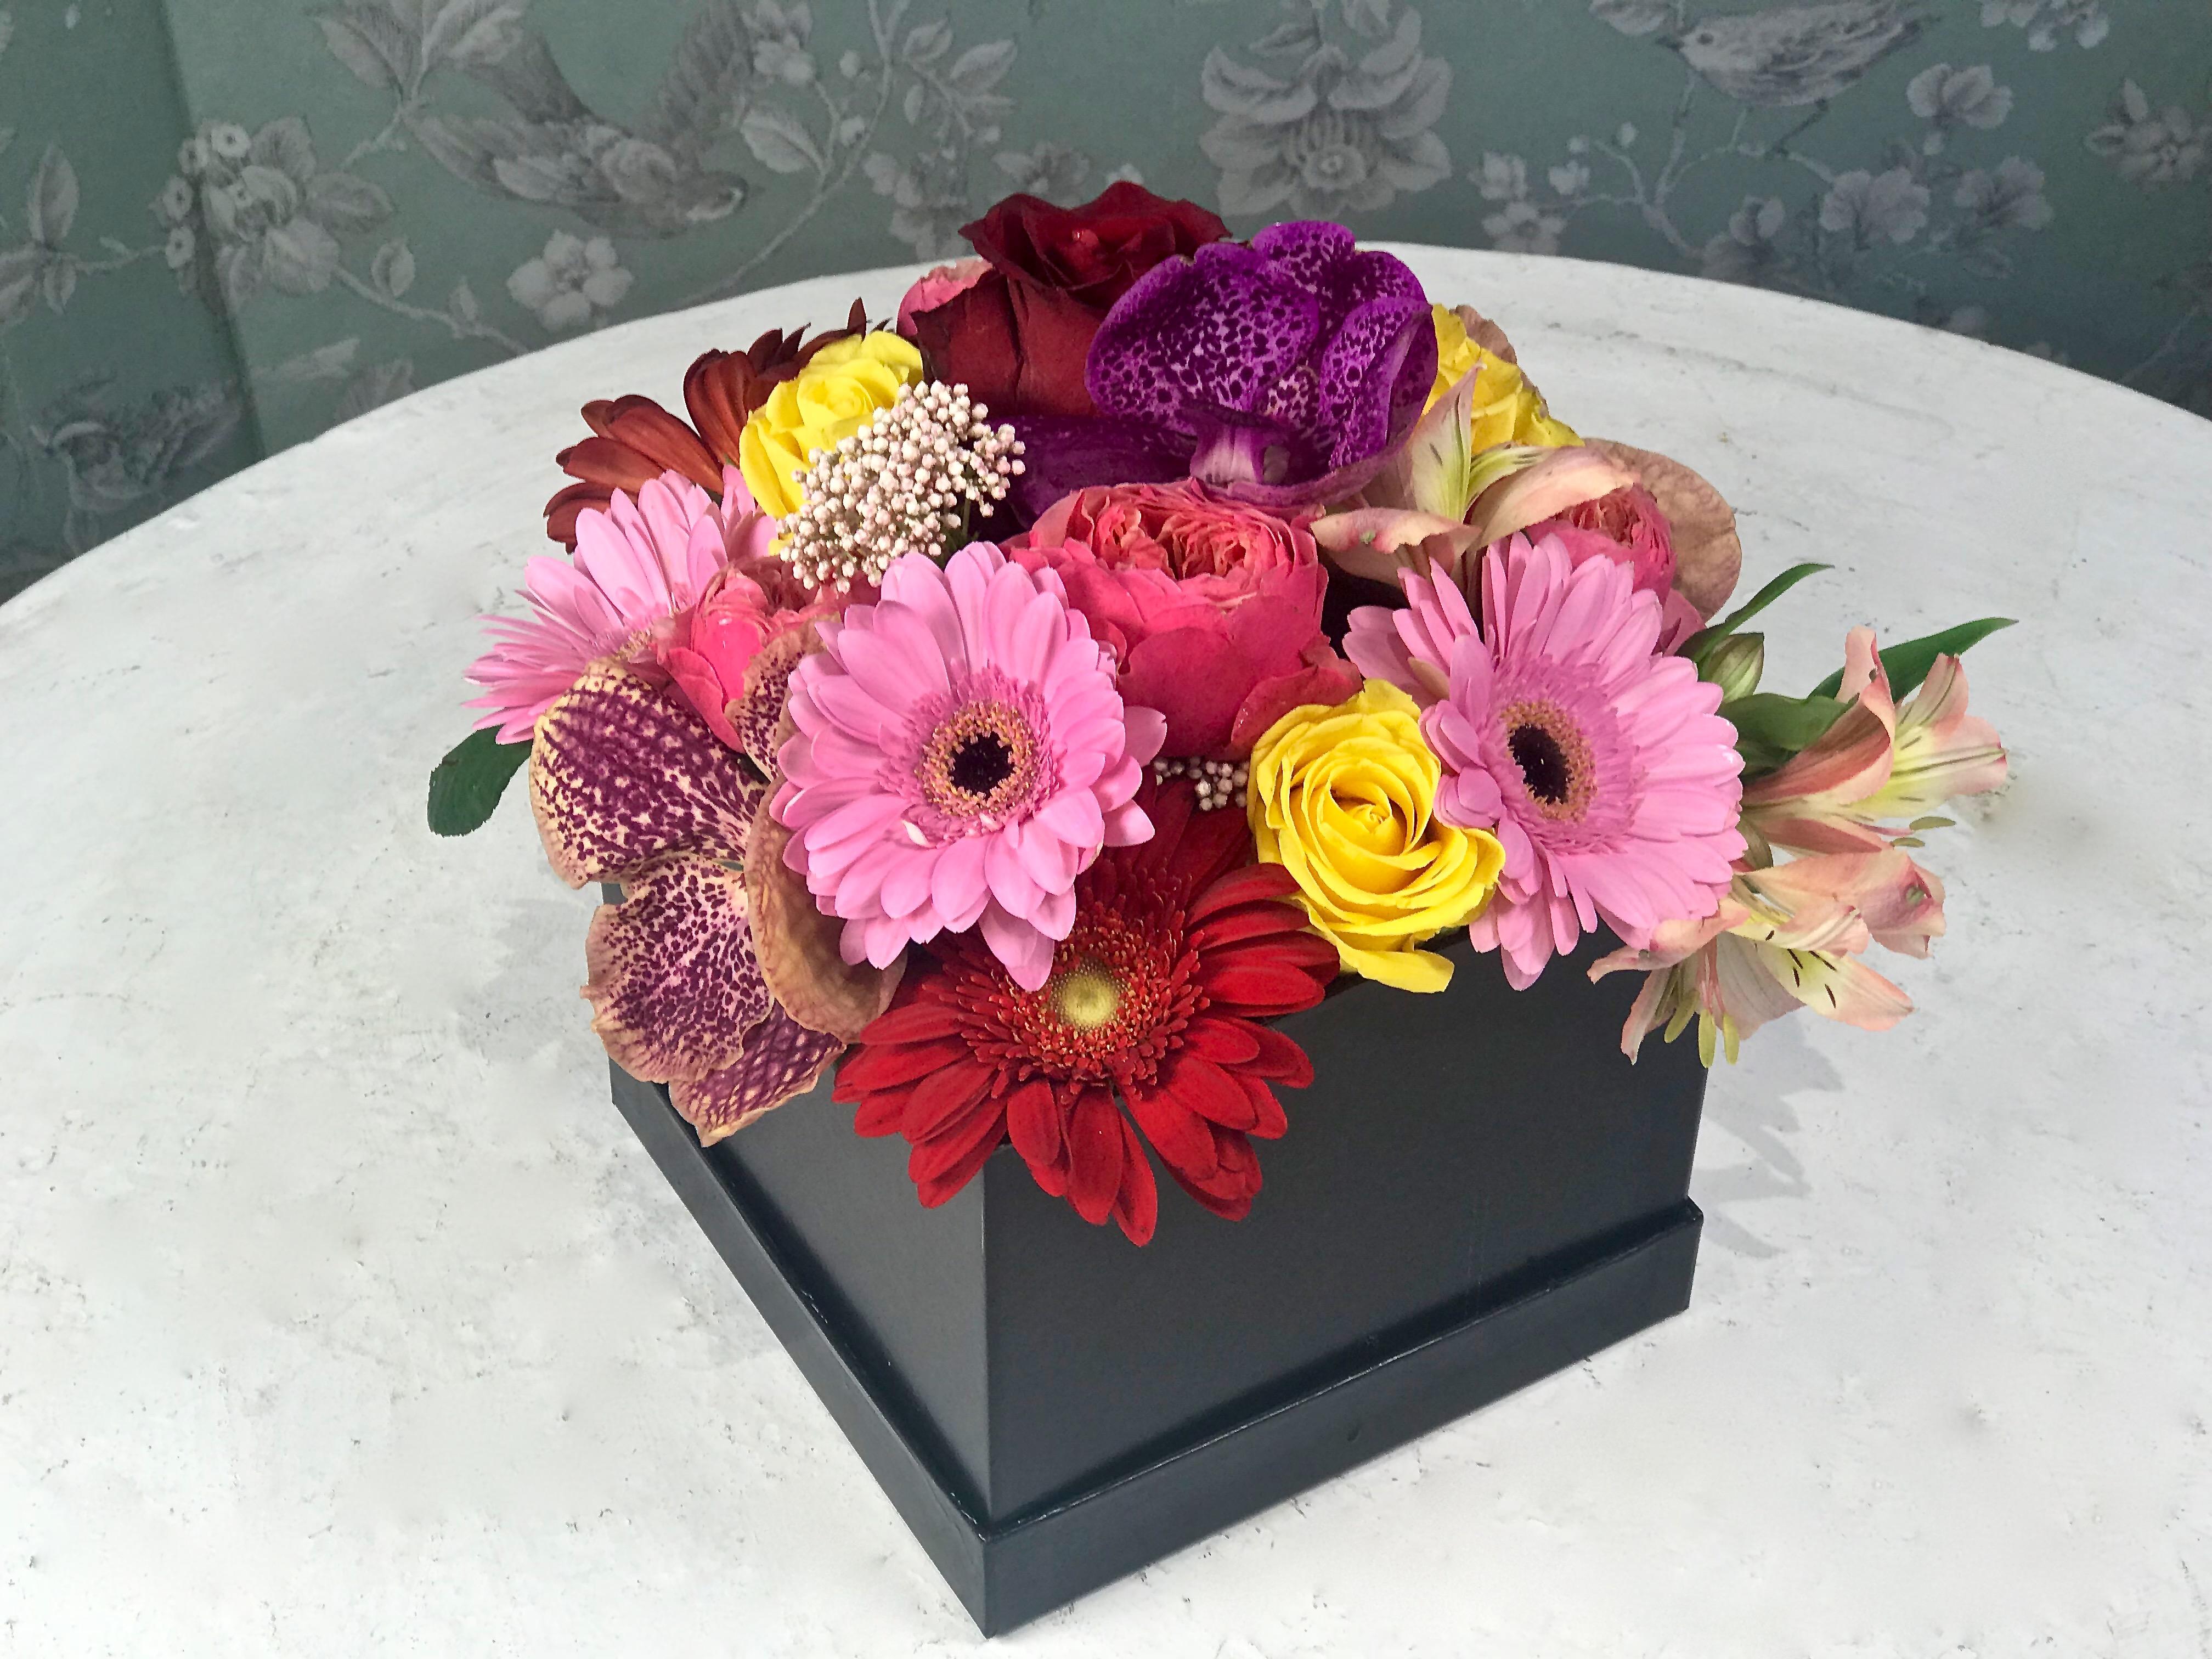 Immagini Fiori.Flower Box Di Fiori Misti Di Stagione Fiorit Fiori A Domicilio